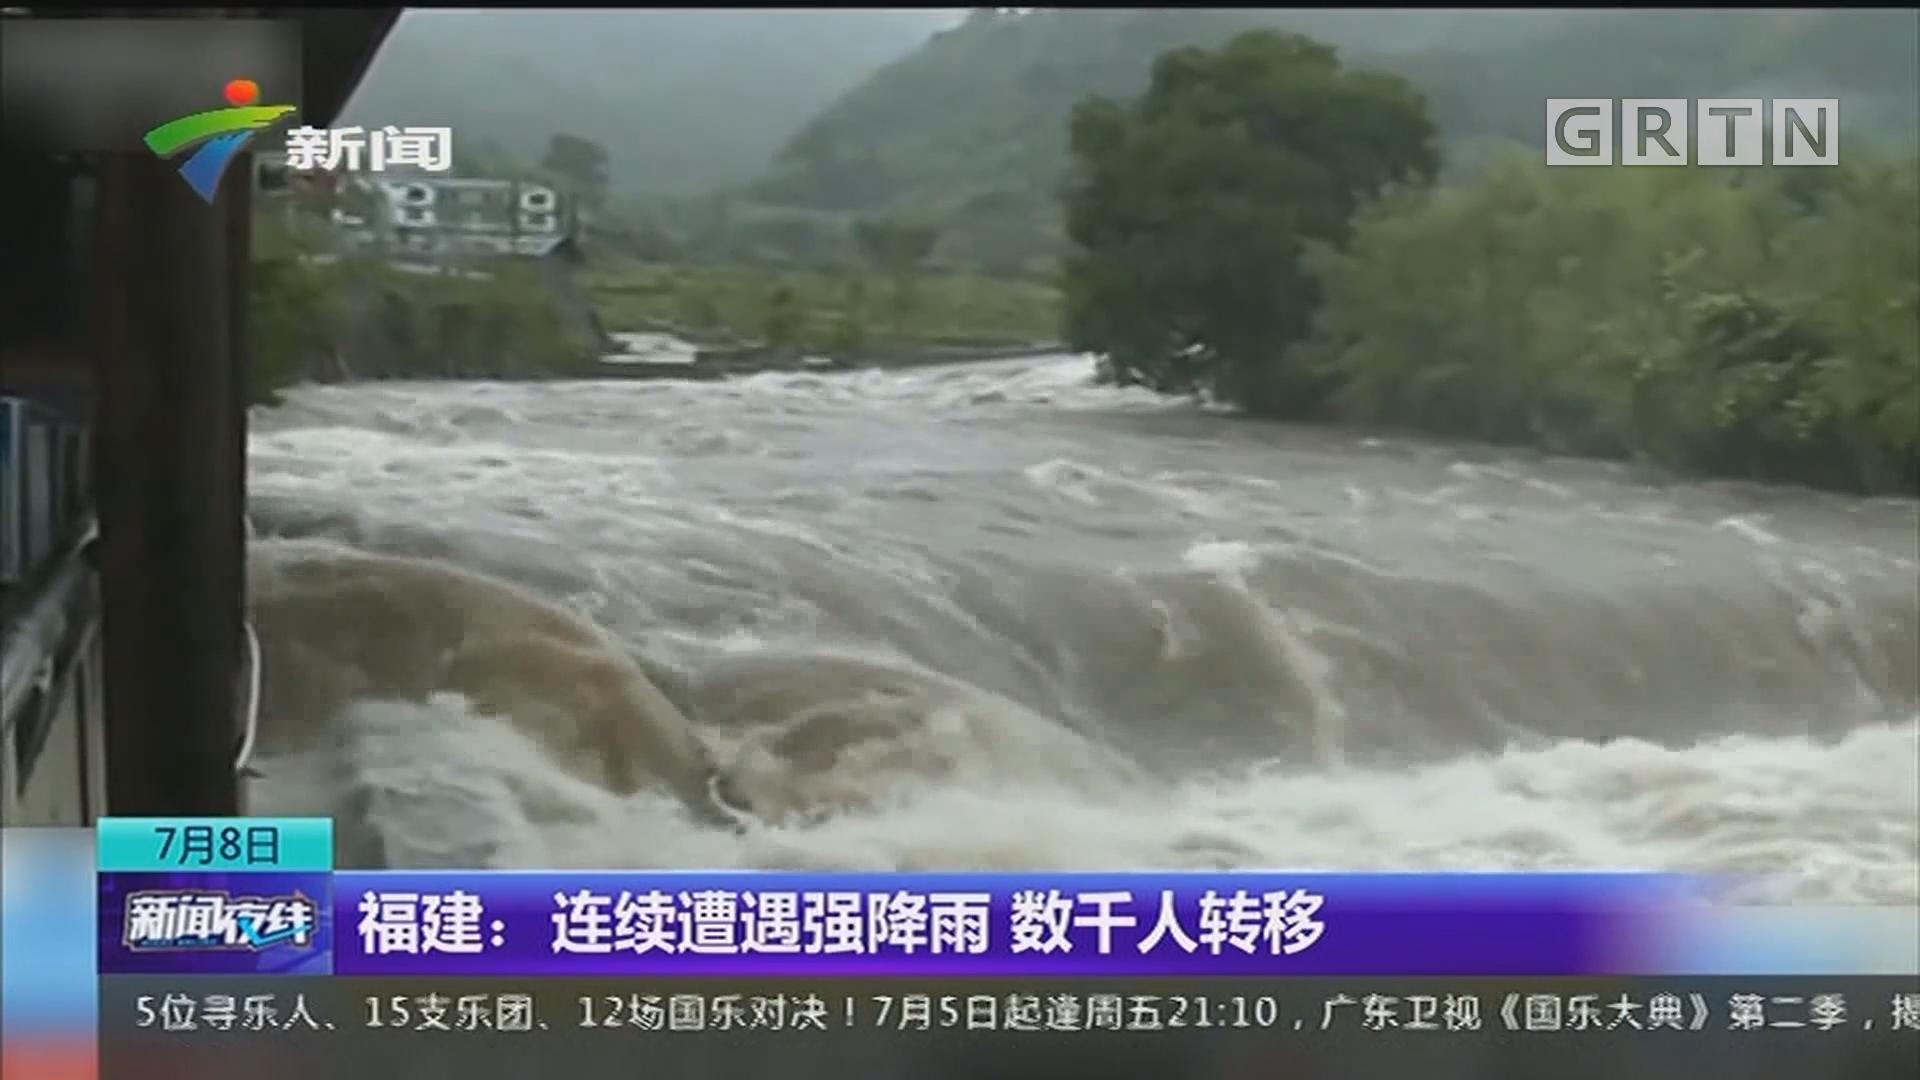 福建:连续遭遇强降雨 数千人转移